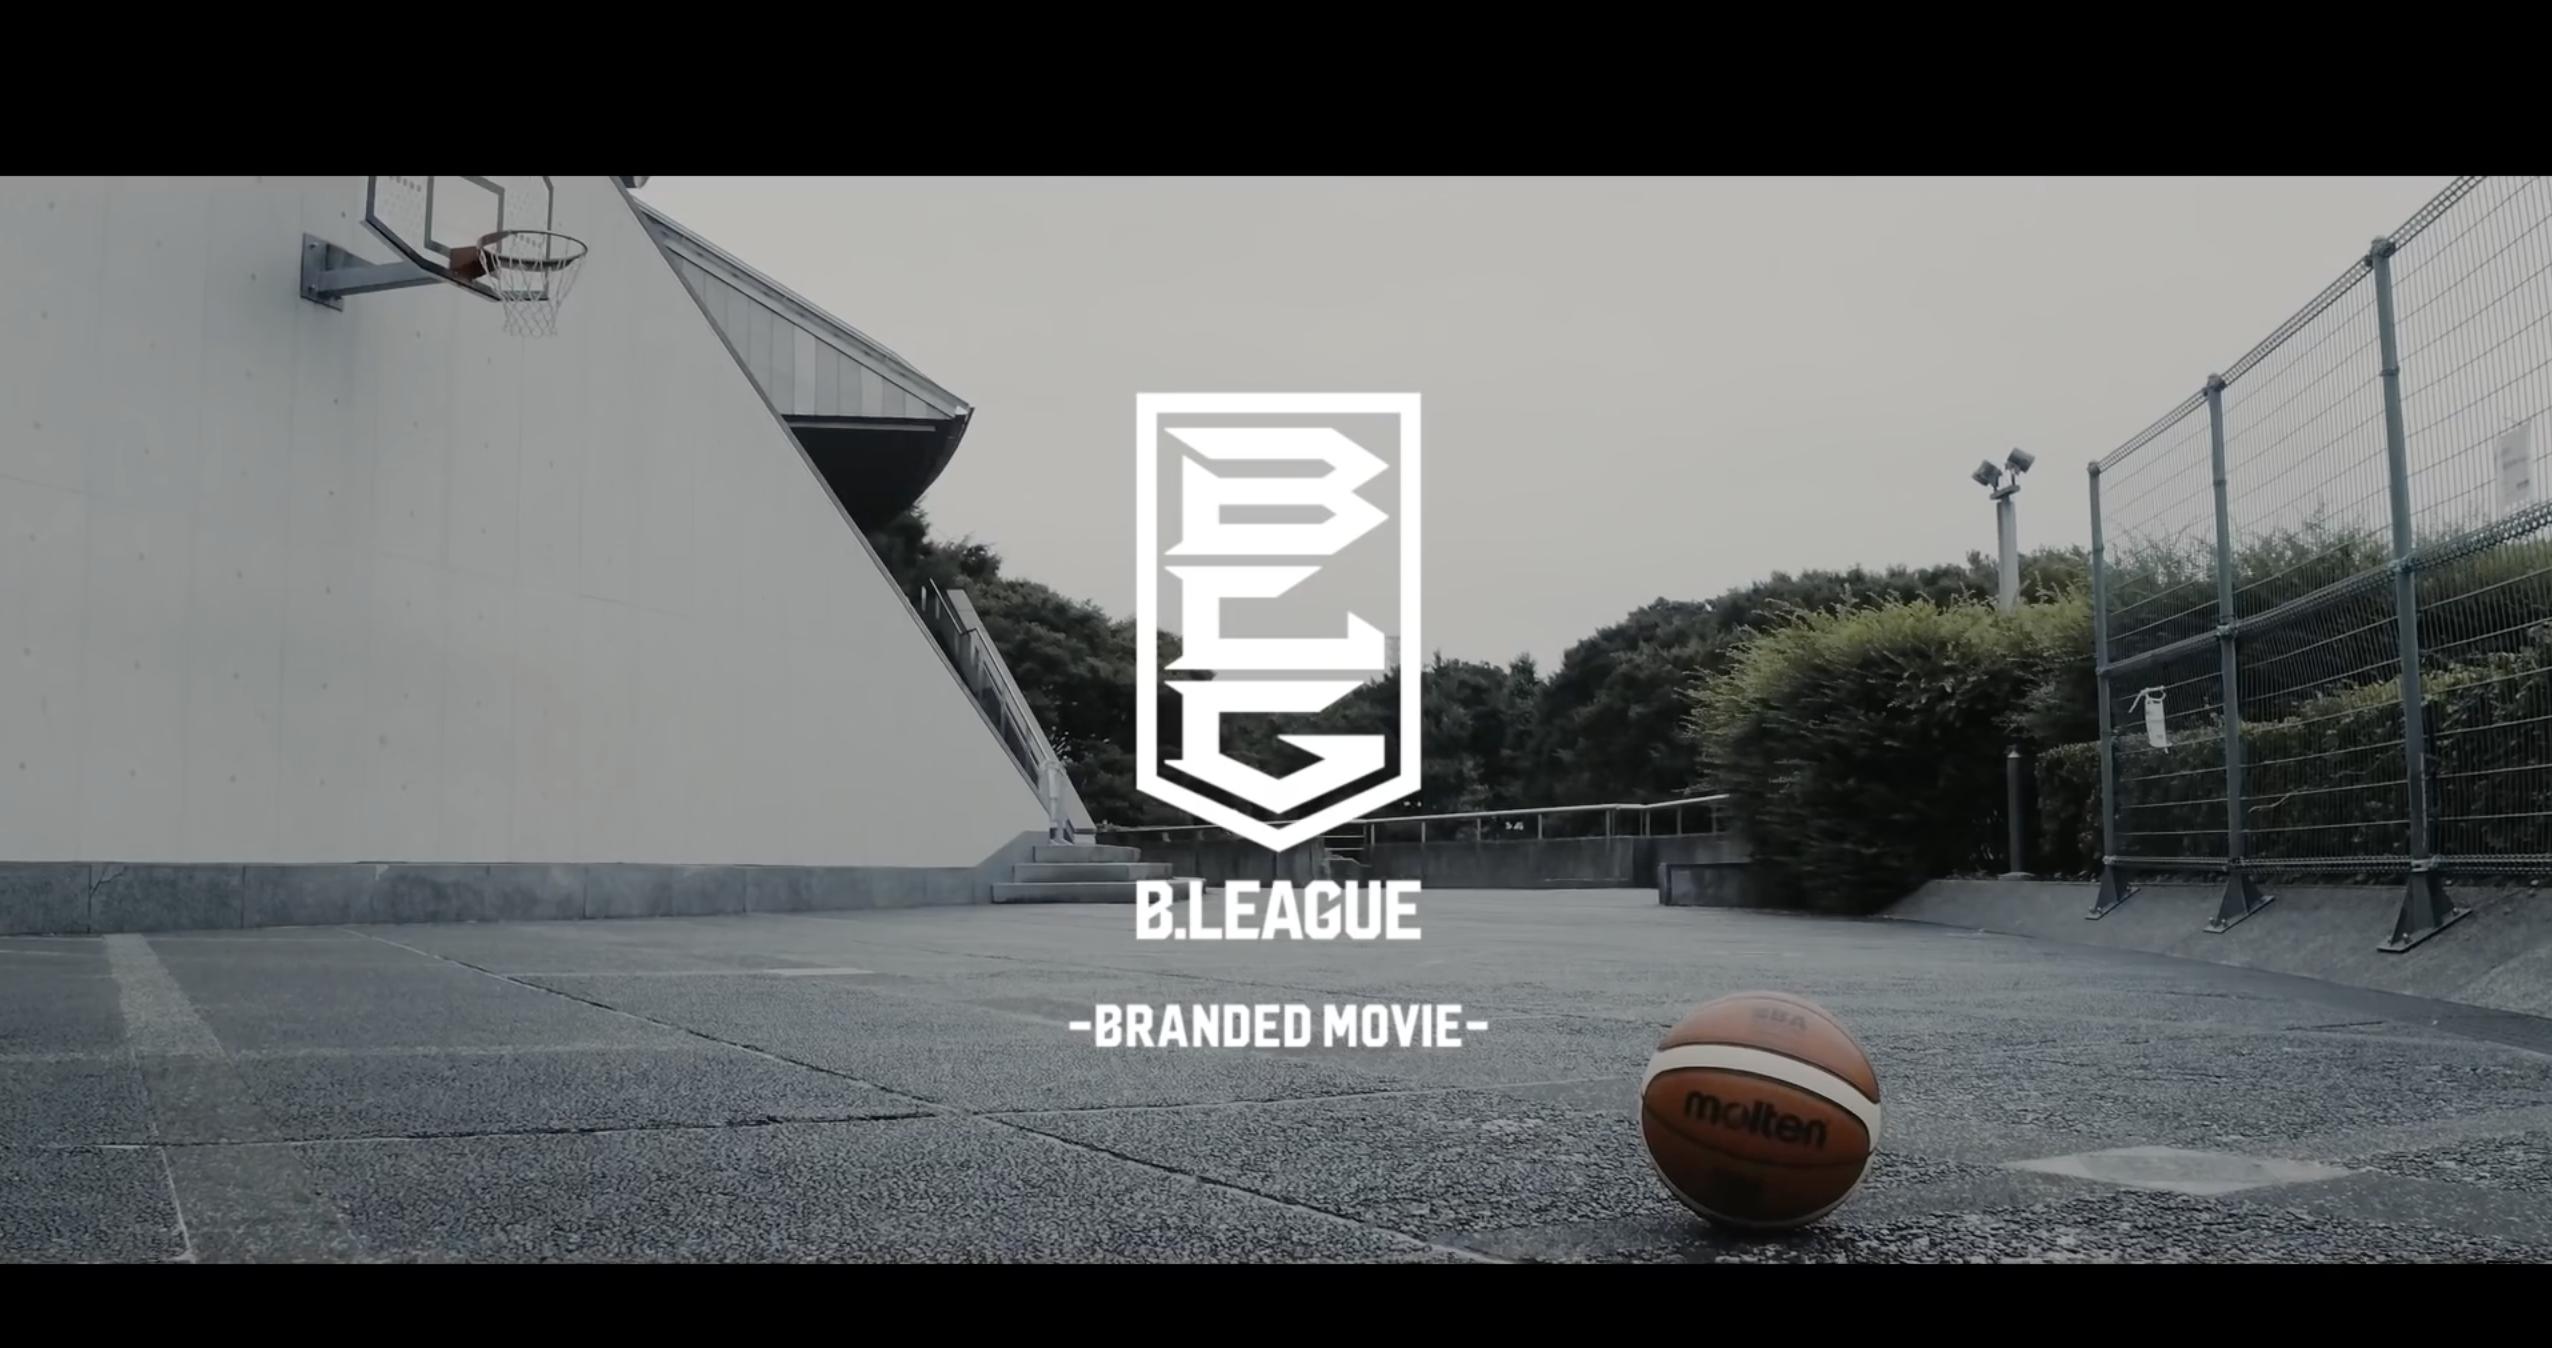 男子プロバスケ「Bリーグ」開幕!最先端のLED演出と会場のバリアフリー事情